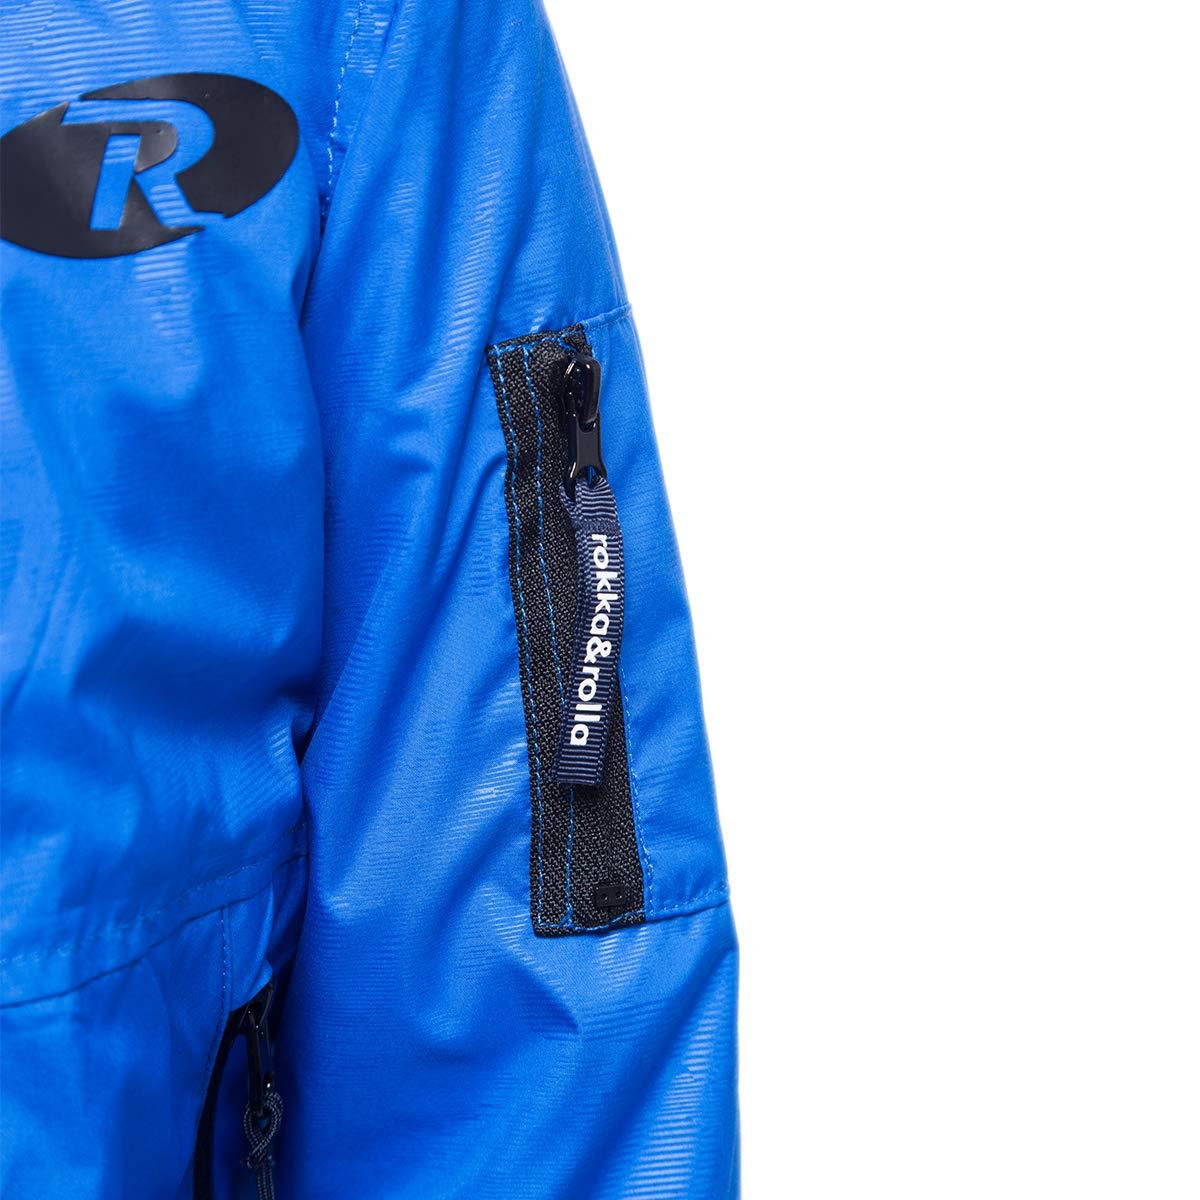 Rokka&Rolla Boys' Lightweight Water Resistant Zip-Up Hooded Windbreaker Jacket by Rokka&Rolla (Image #6)